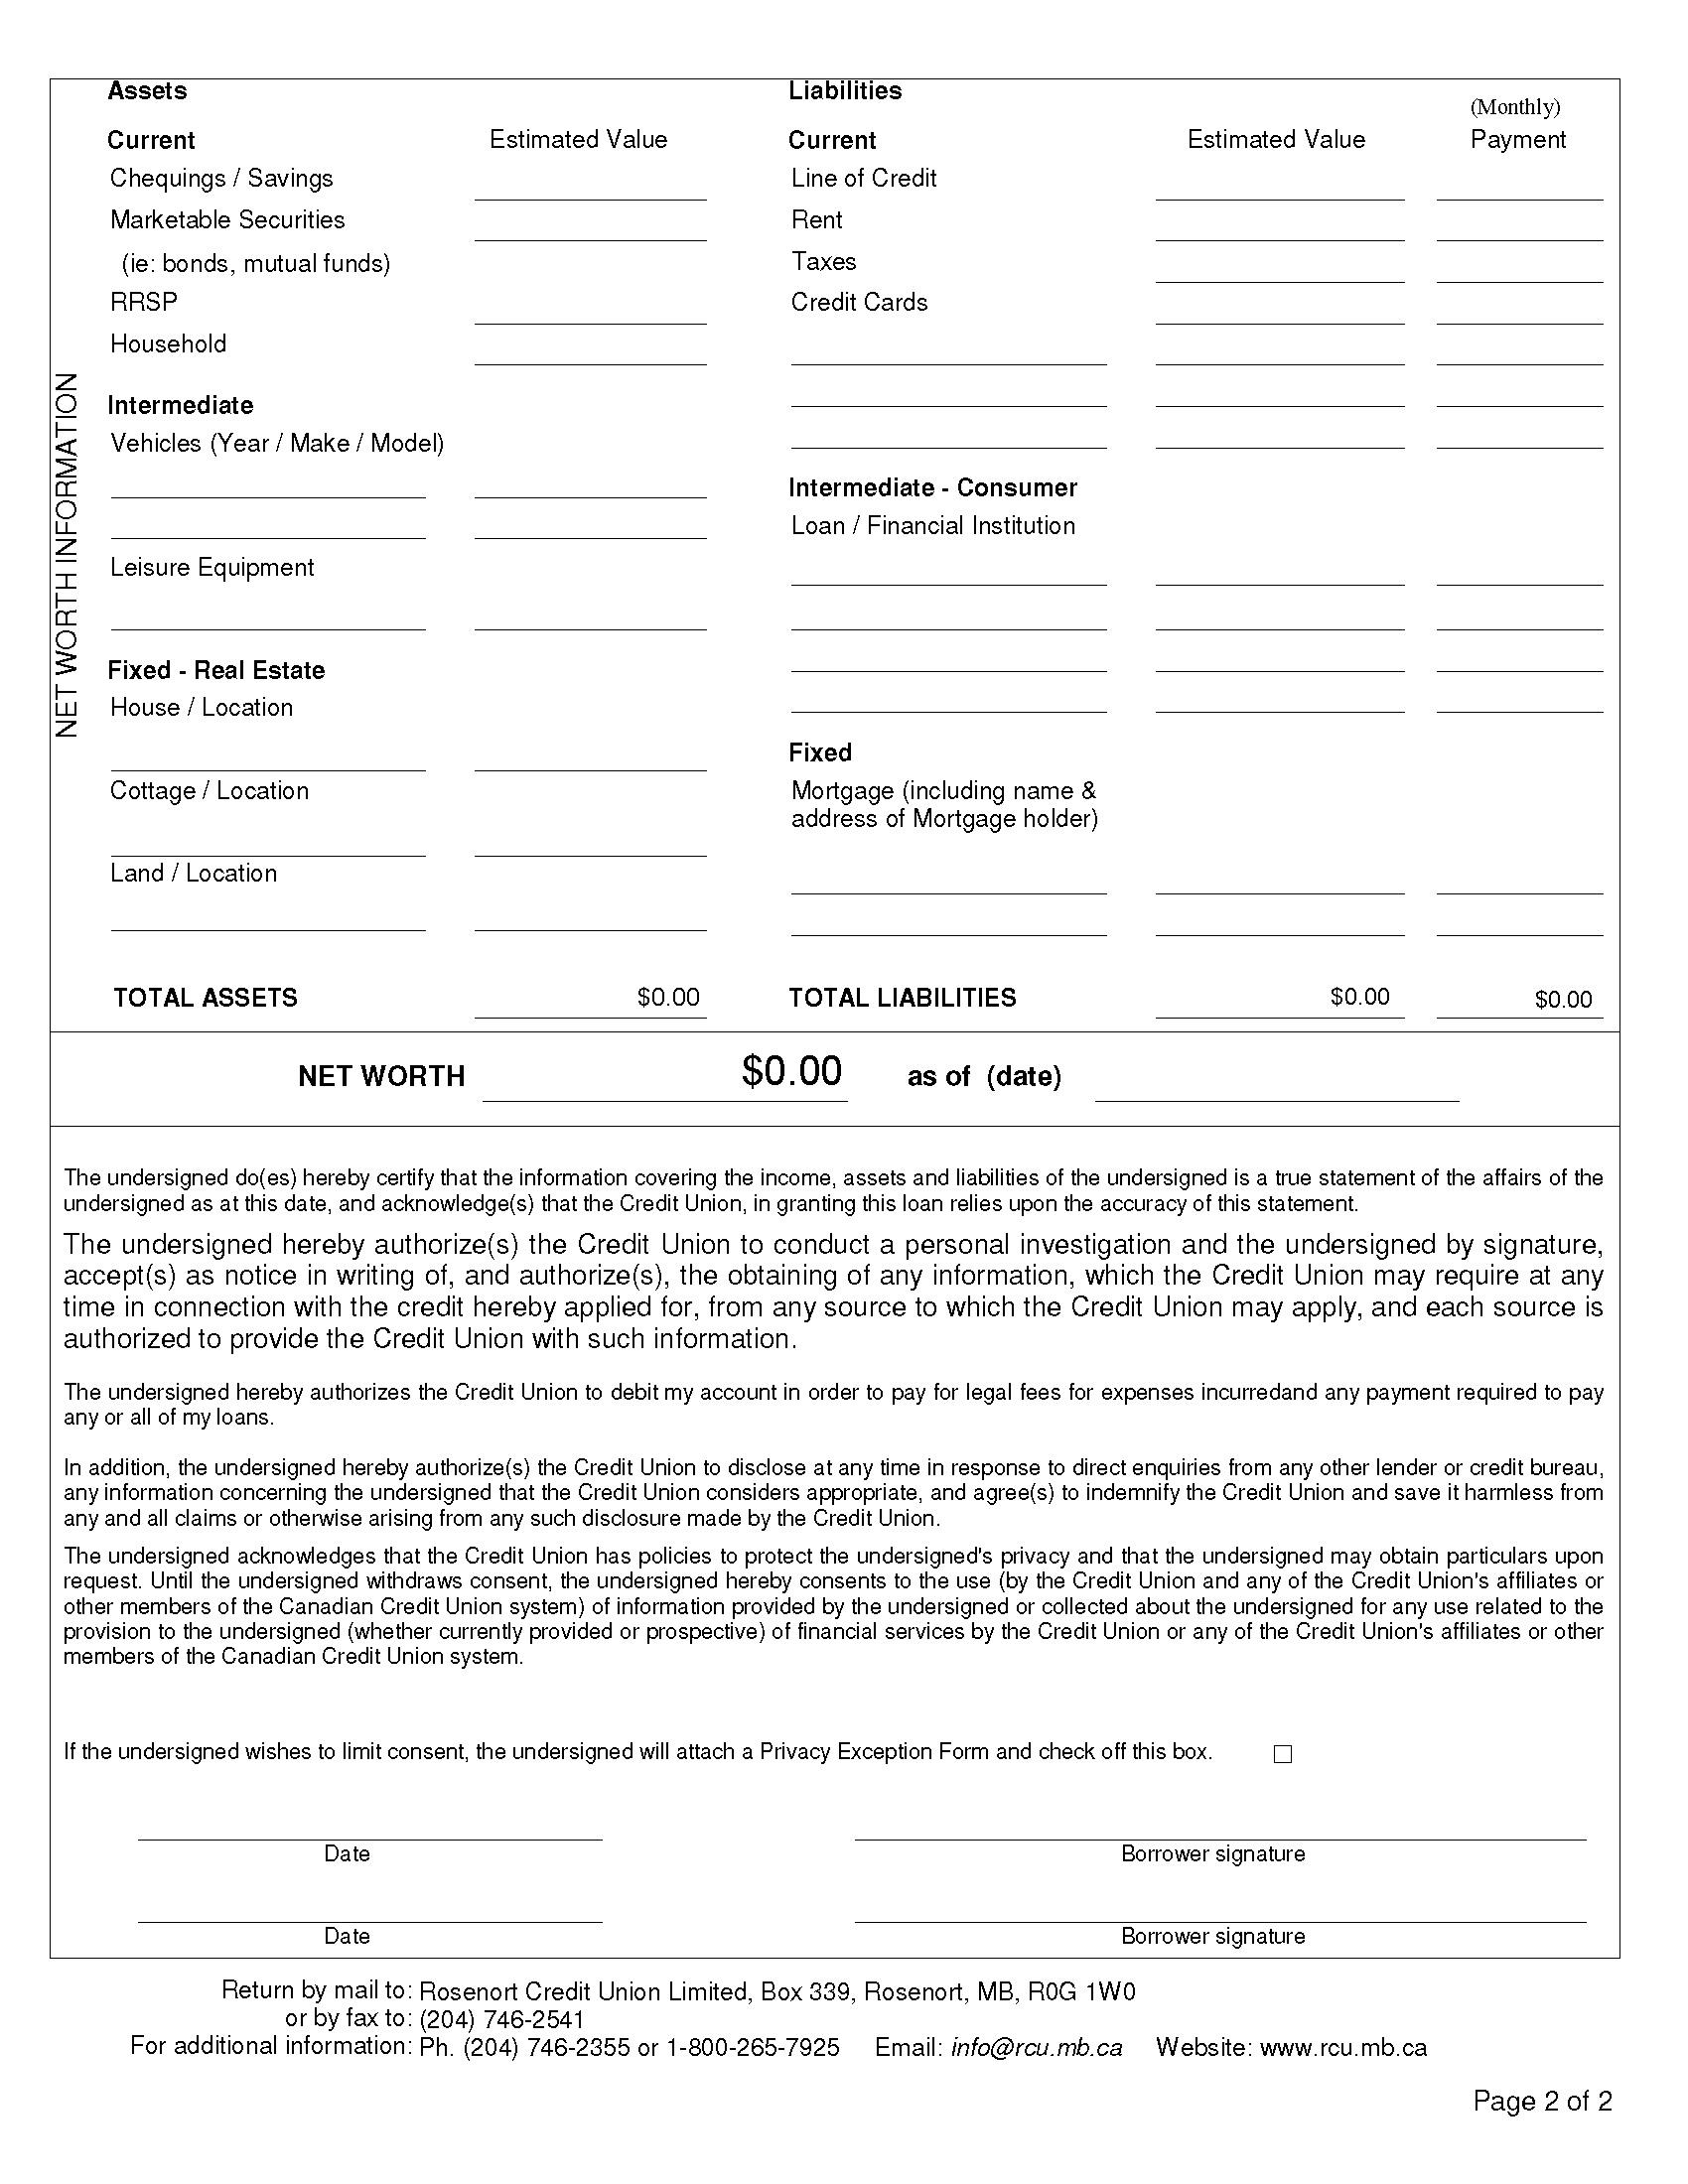 rcbc loan application form pdf